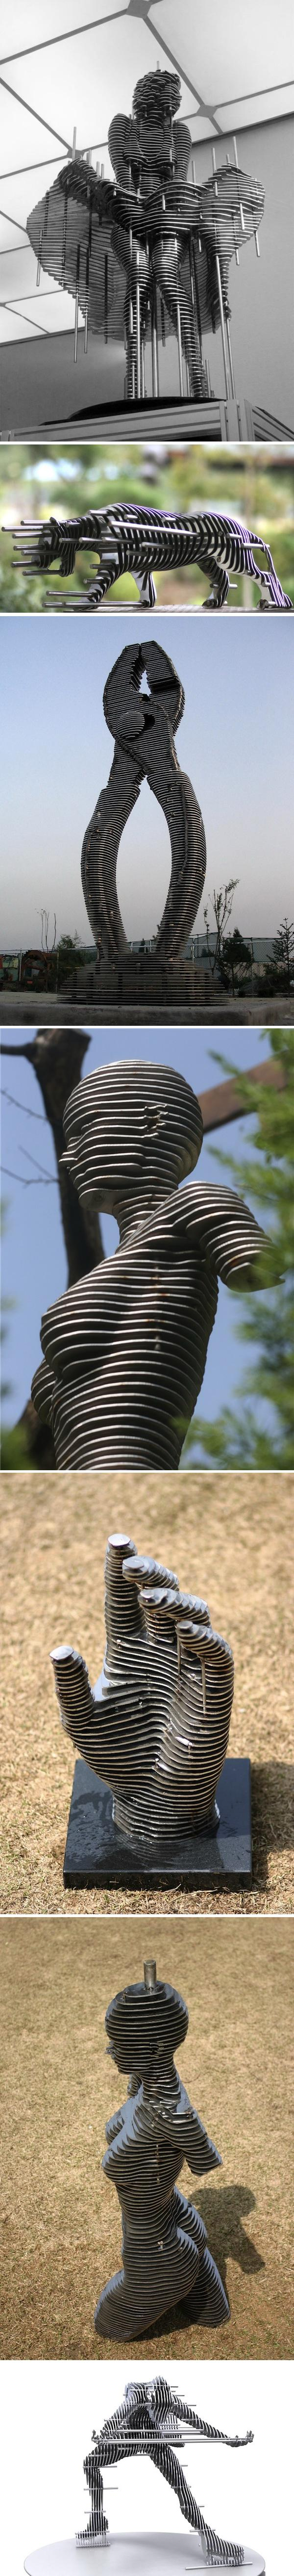 «Нарезанные» скульптуры «Sliced Metal Sculptures»